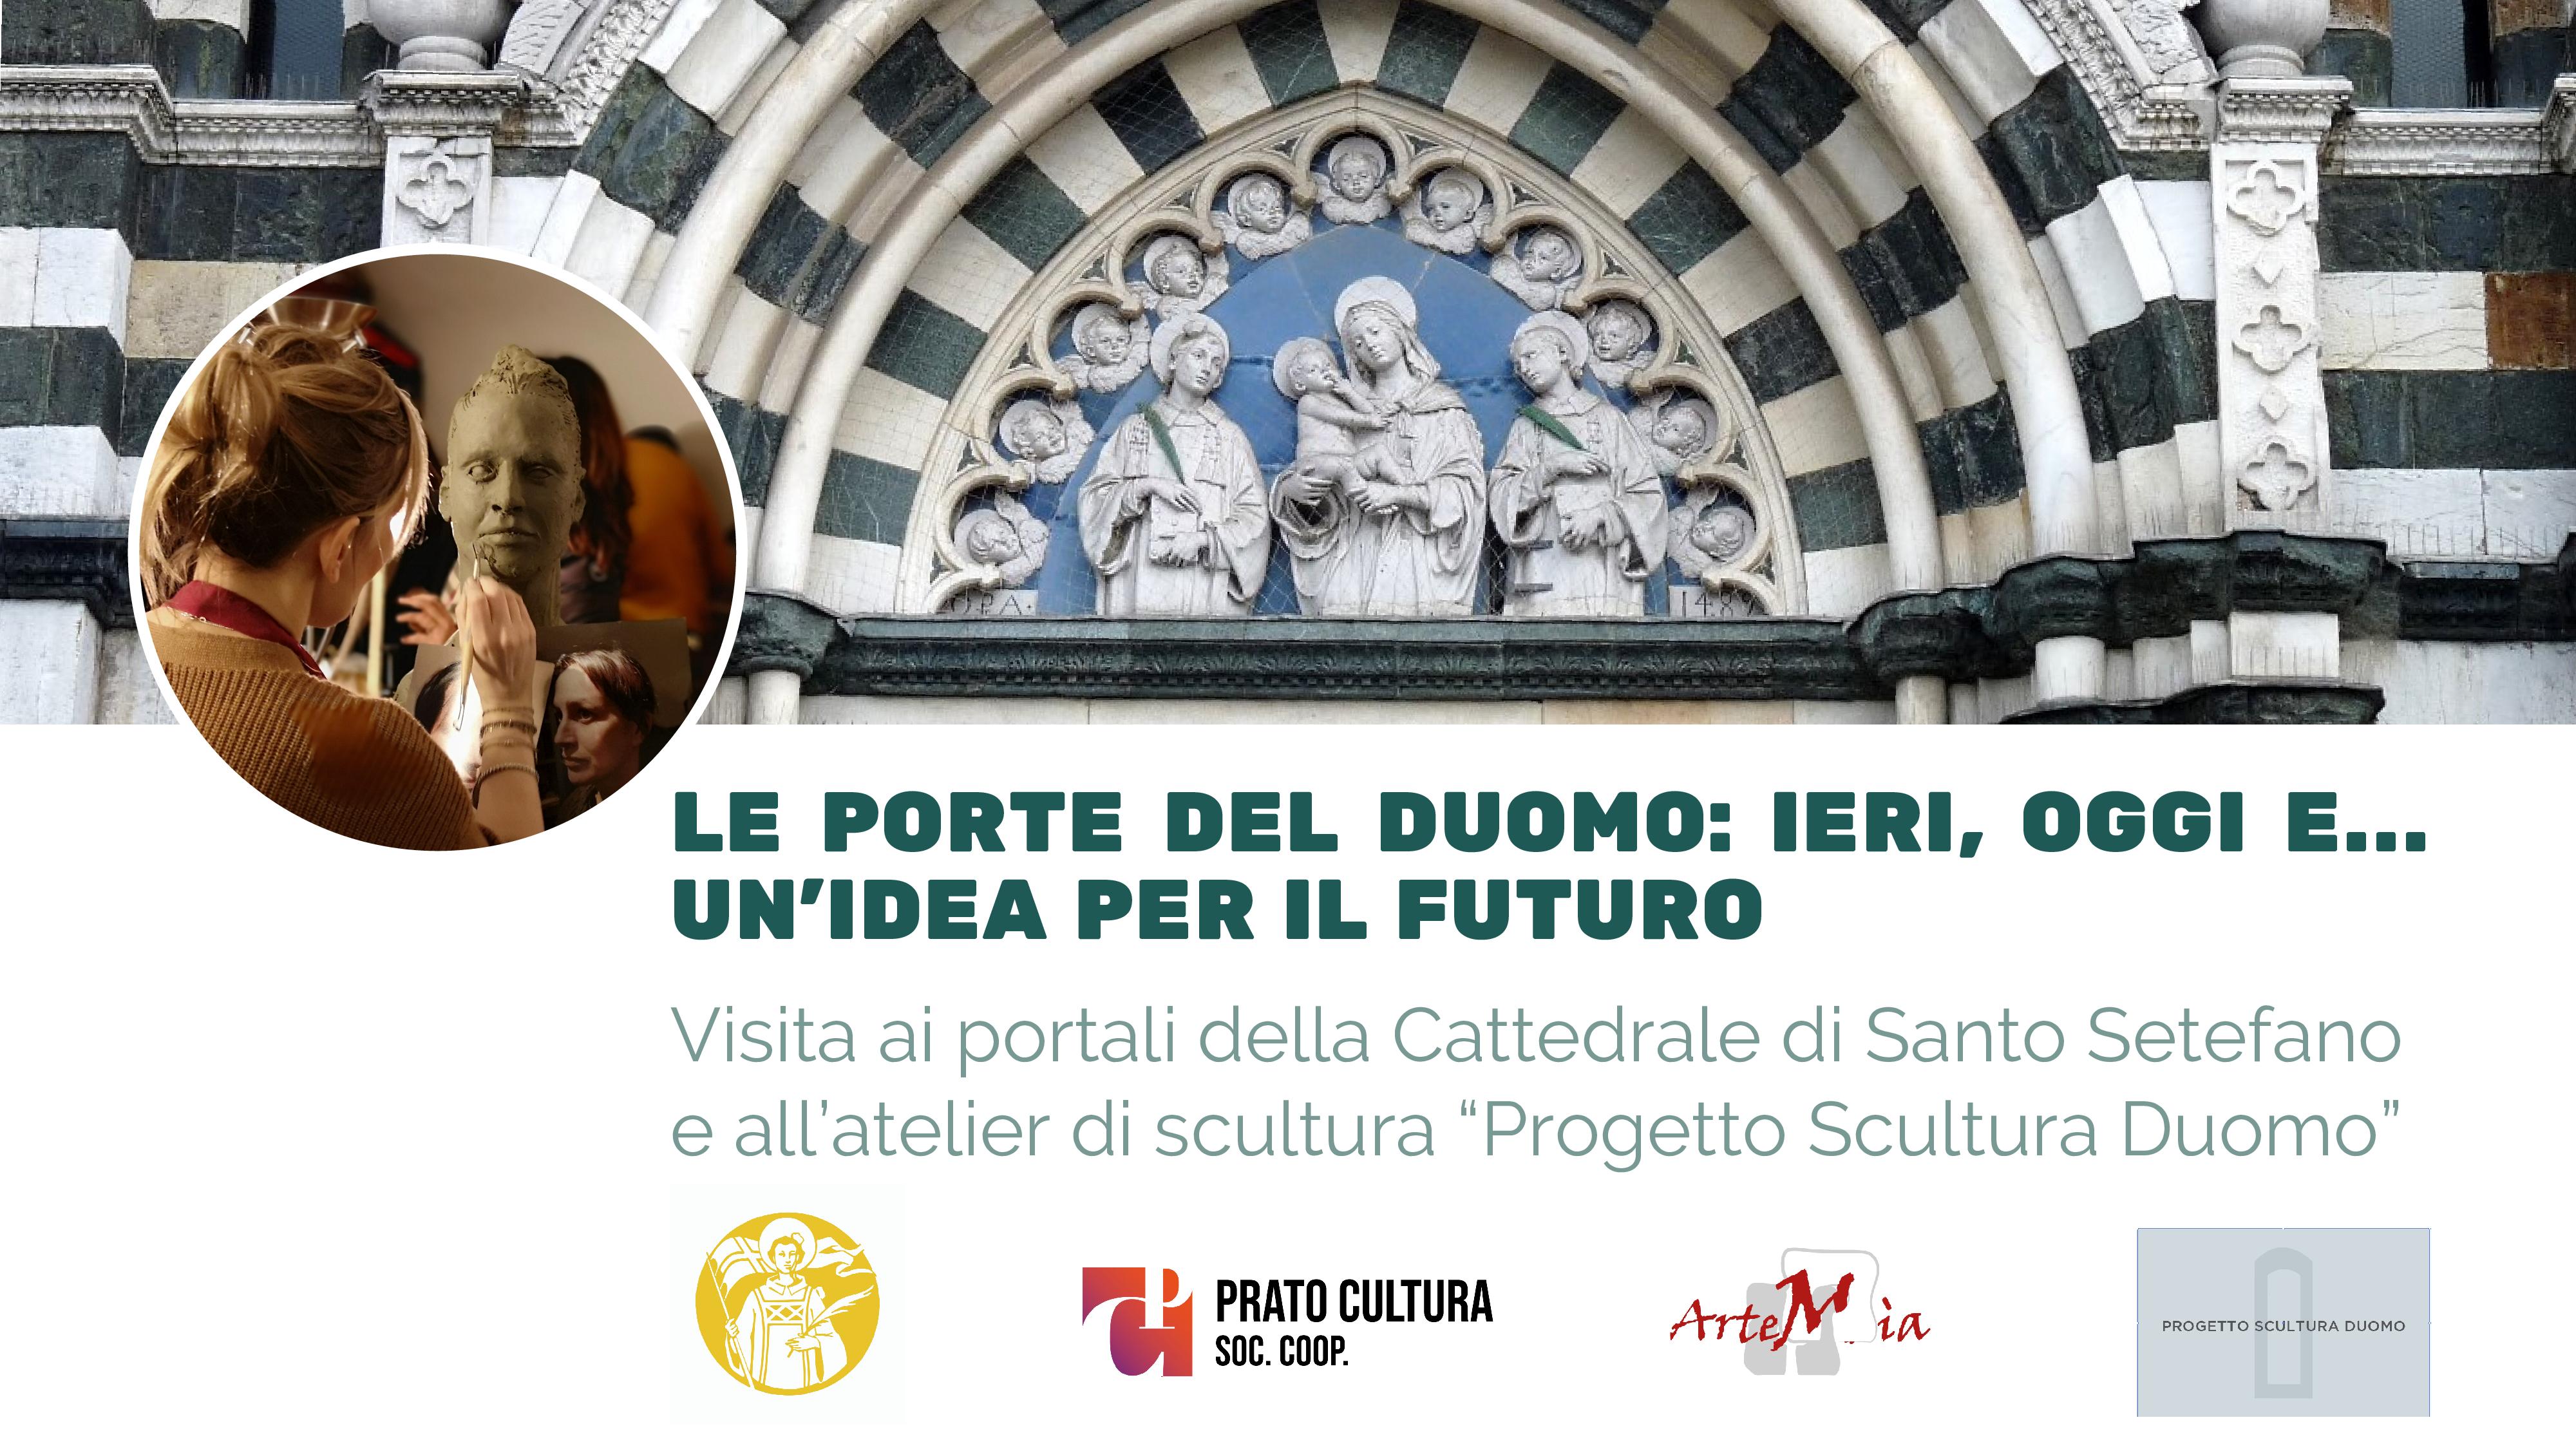 """Visita: Le porte del Duomo: ieri, oggi e… un'idea per il futuro. Visita ai portali della Cattedrale di Santo Stefano e all'atelier di scultura """"Progetto Scultura Duomo""""."""